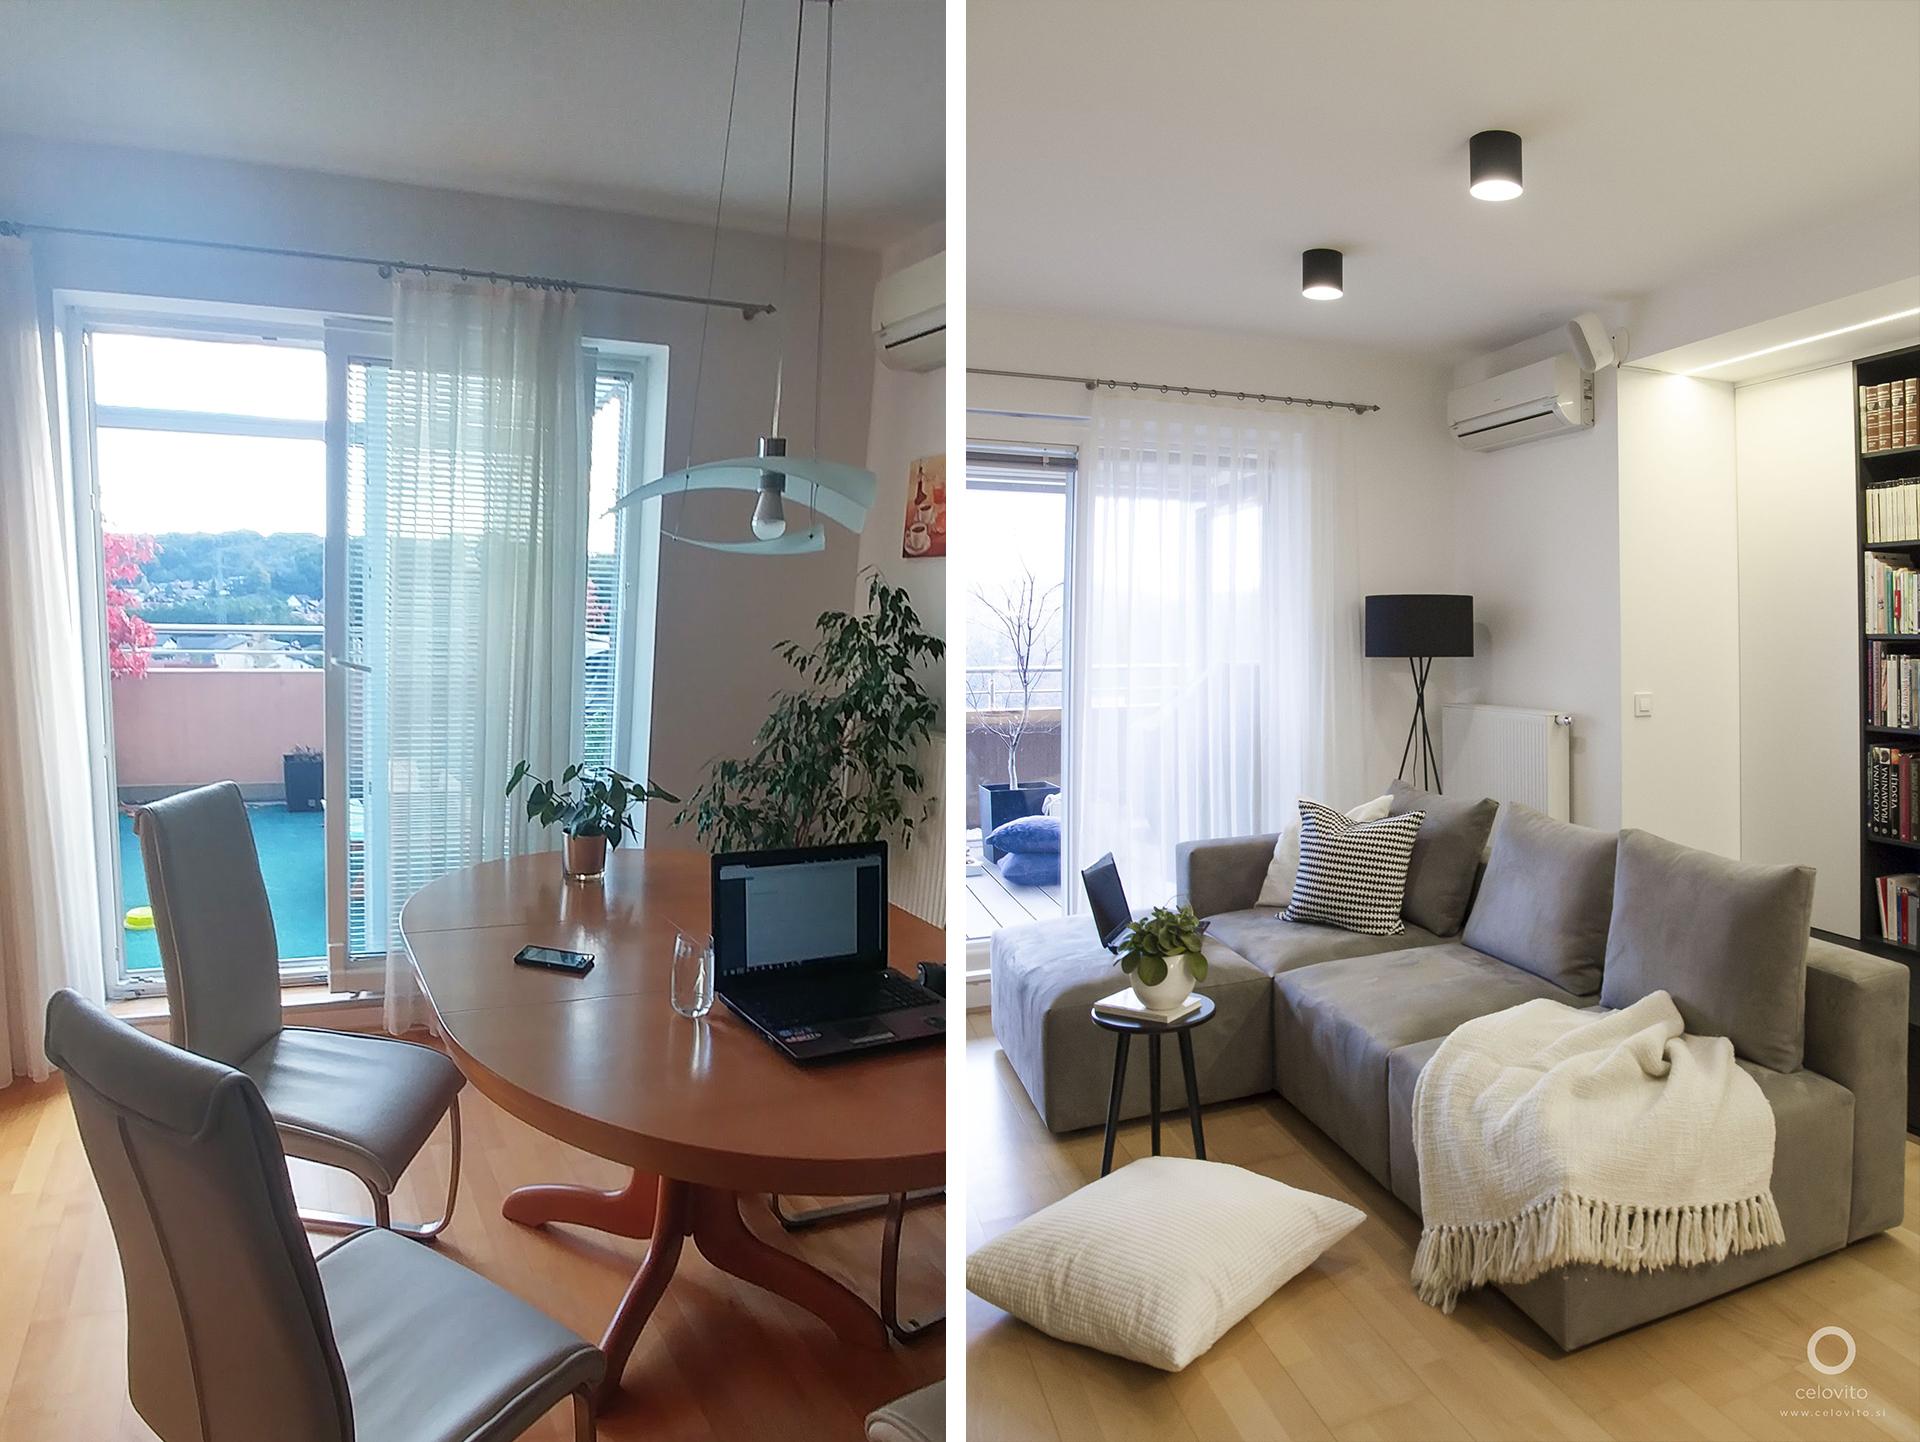 Dnevni prostor pred in po prenovo